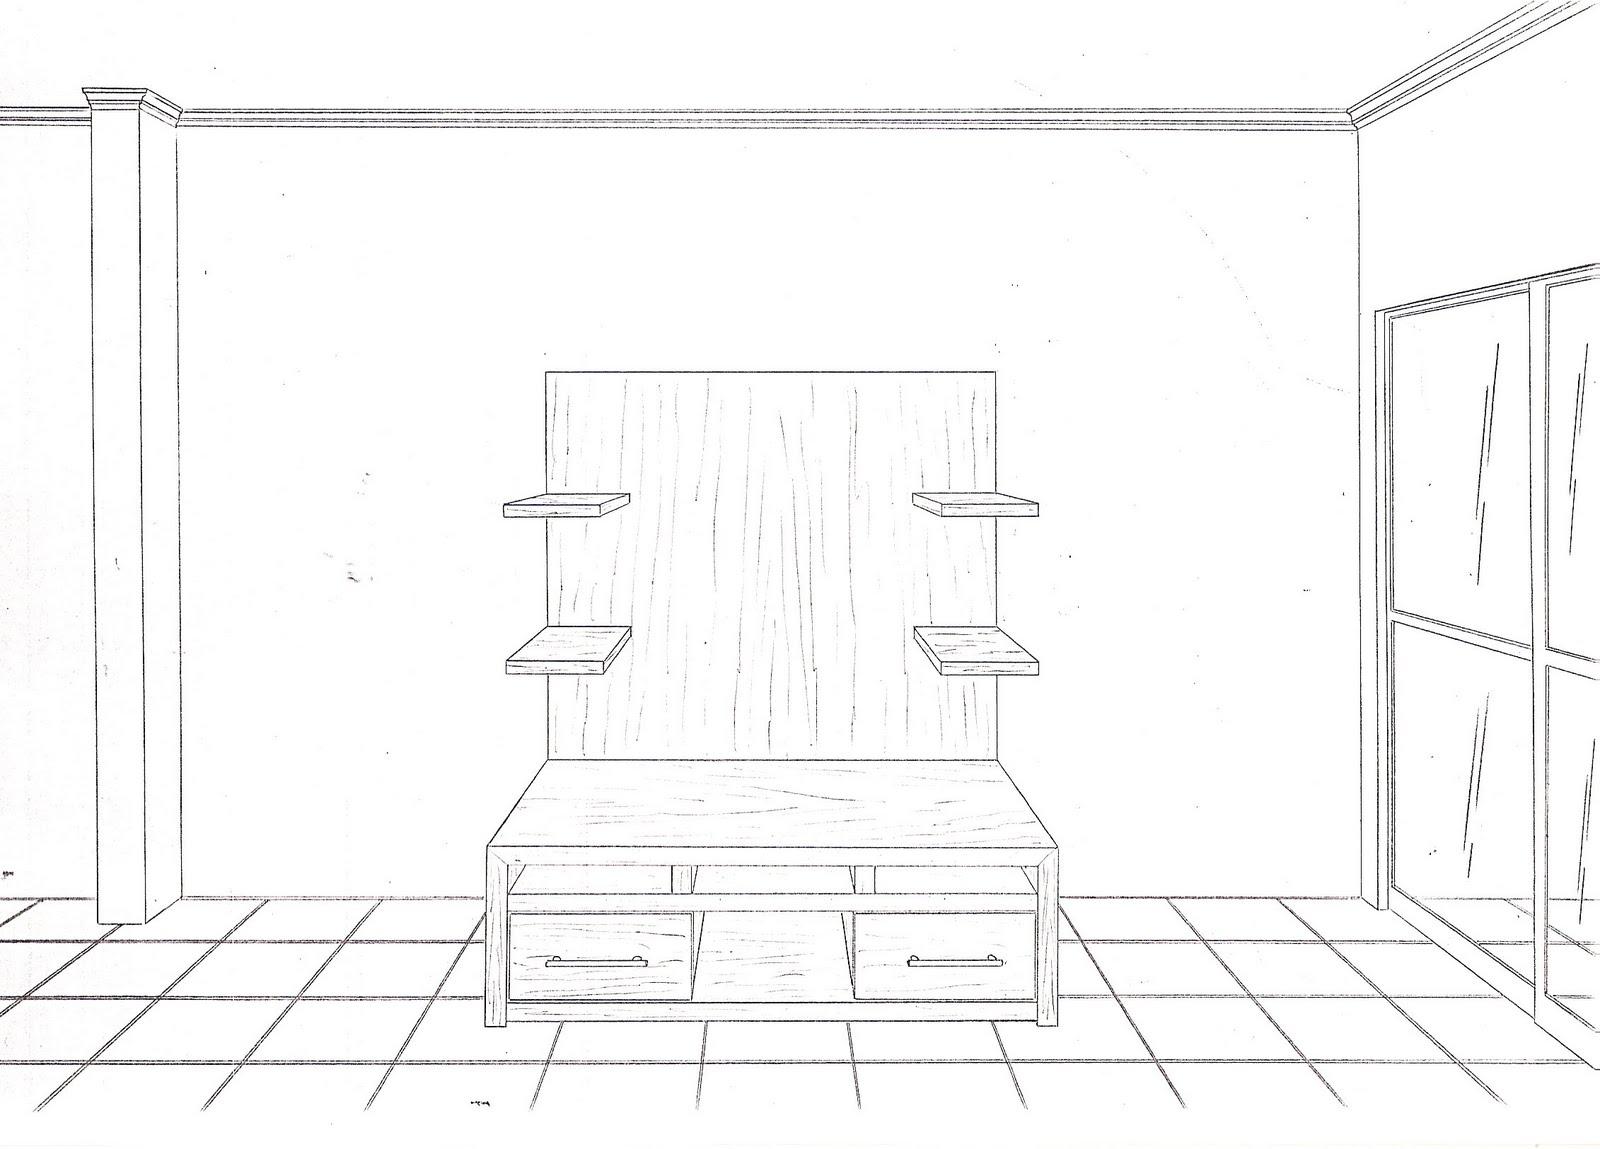 Home Theater projetado nas especificações do cliente #646567 1600 1149